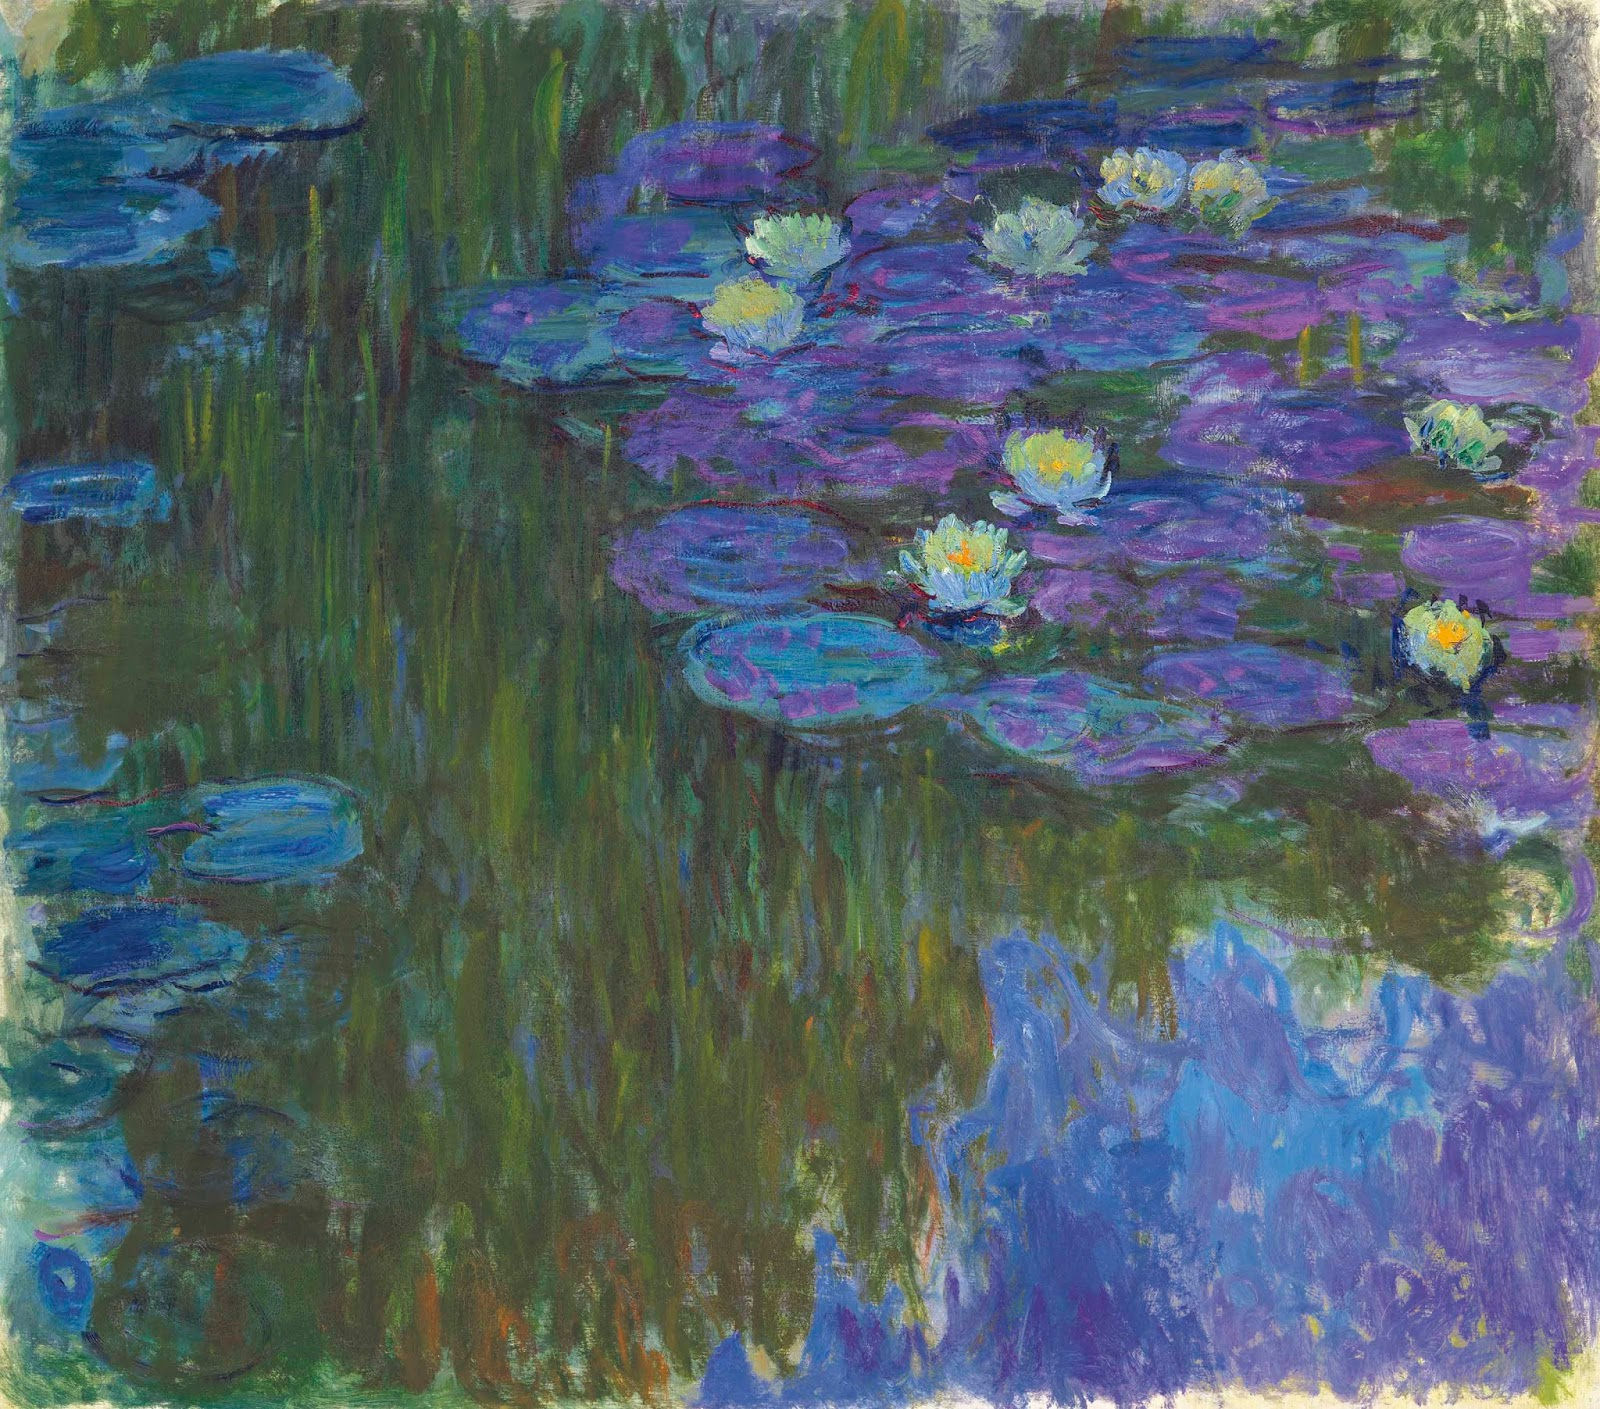 Claude Monet's Nymphéas en fleur Painting Sells for $84 7 Million